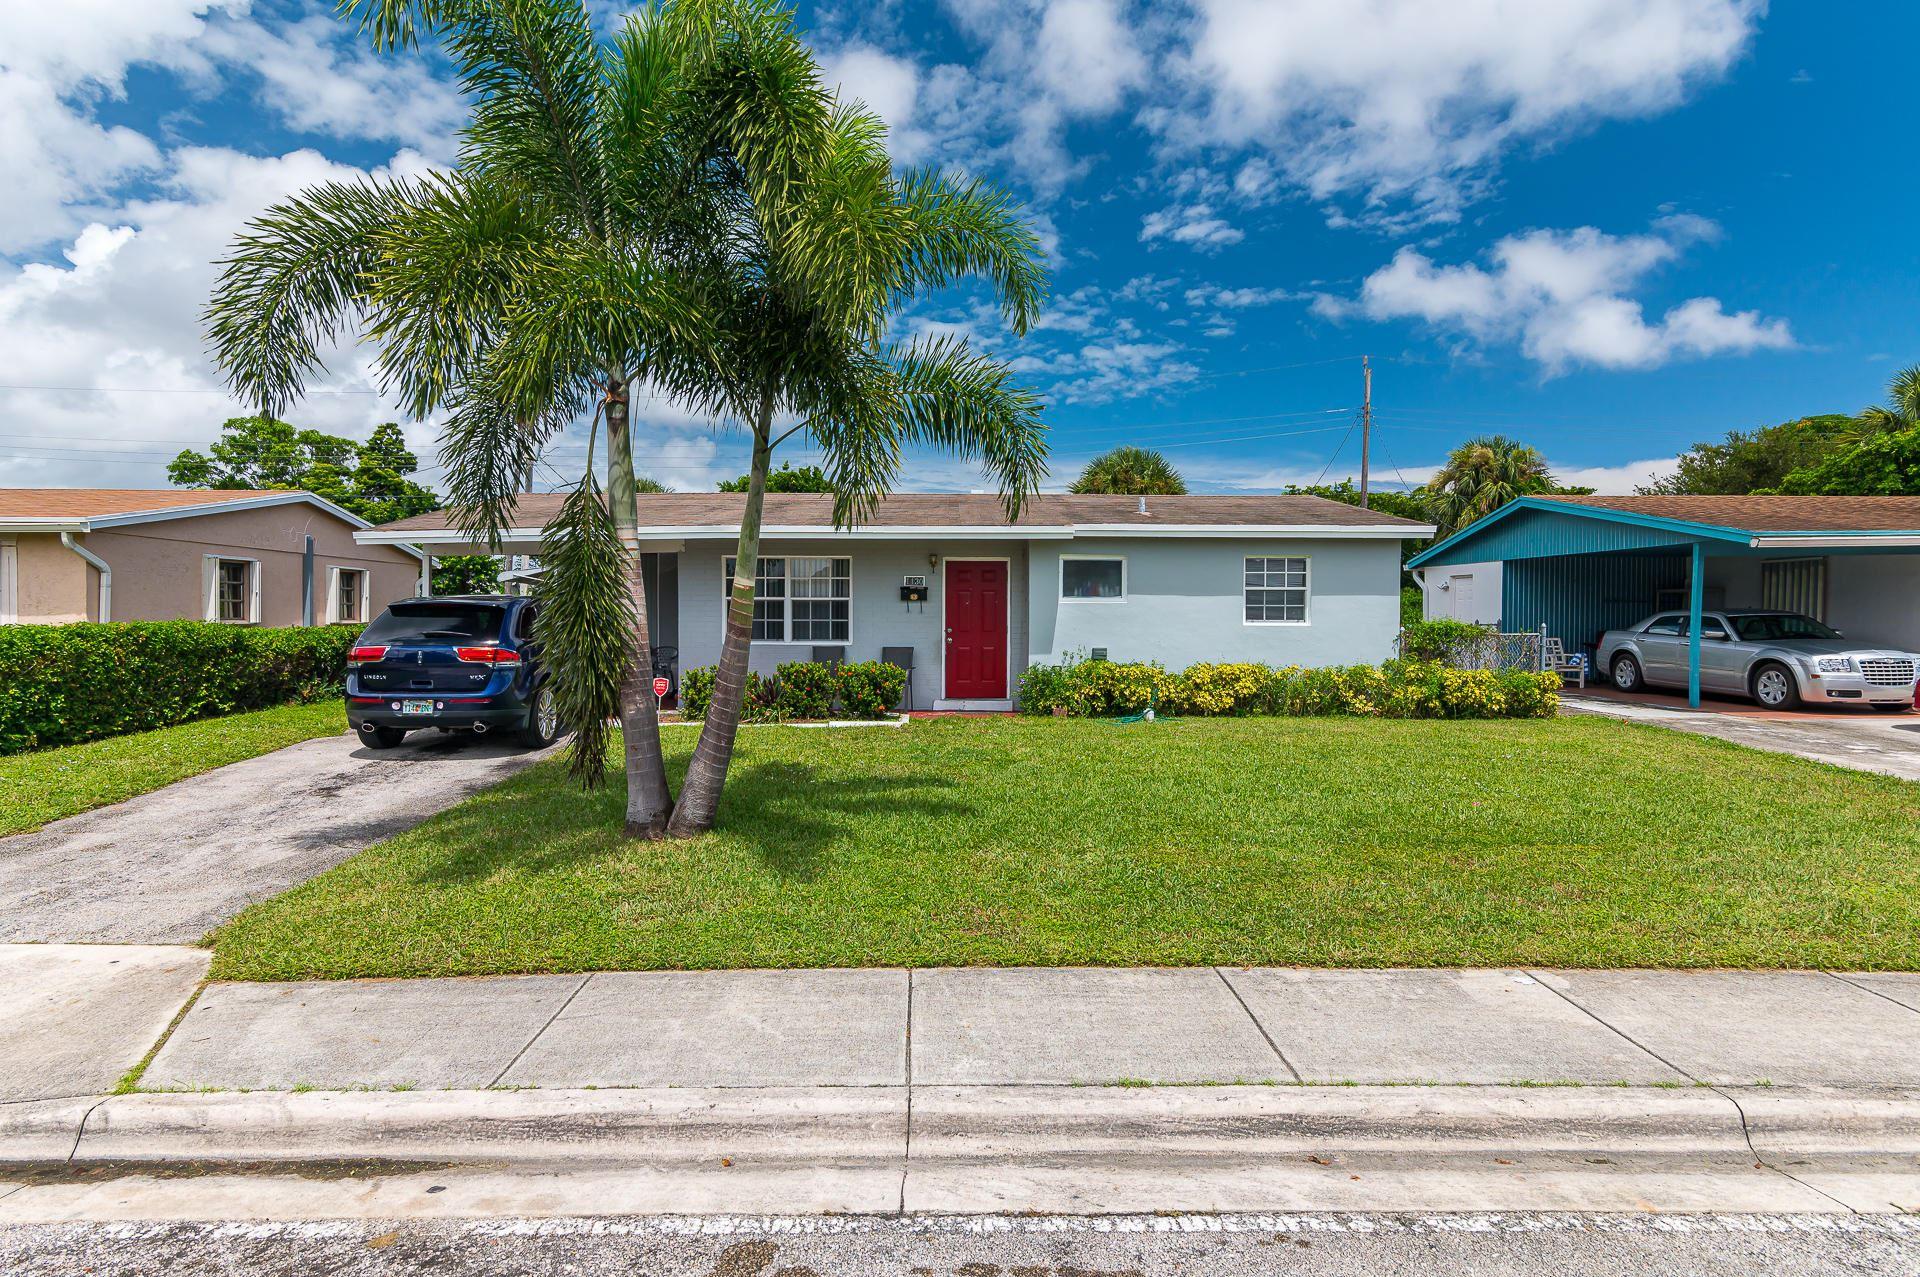 Photo of 1130 W 1st Street, Riviera Beach, FL 33404 (MLS # RX-10654166)